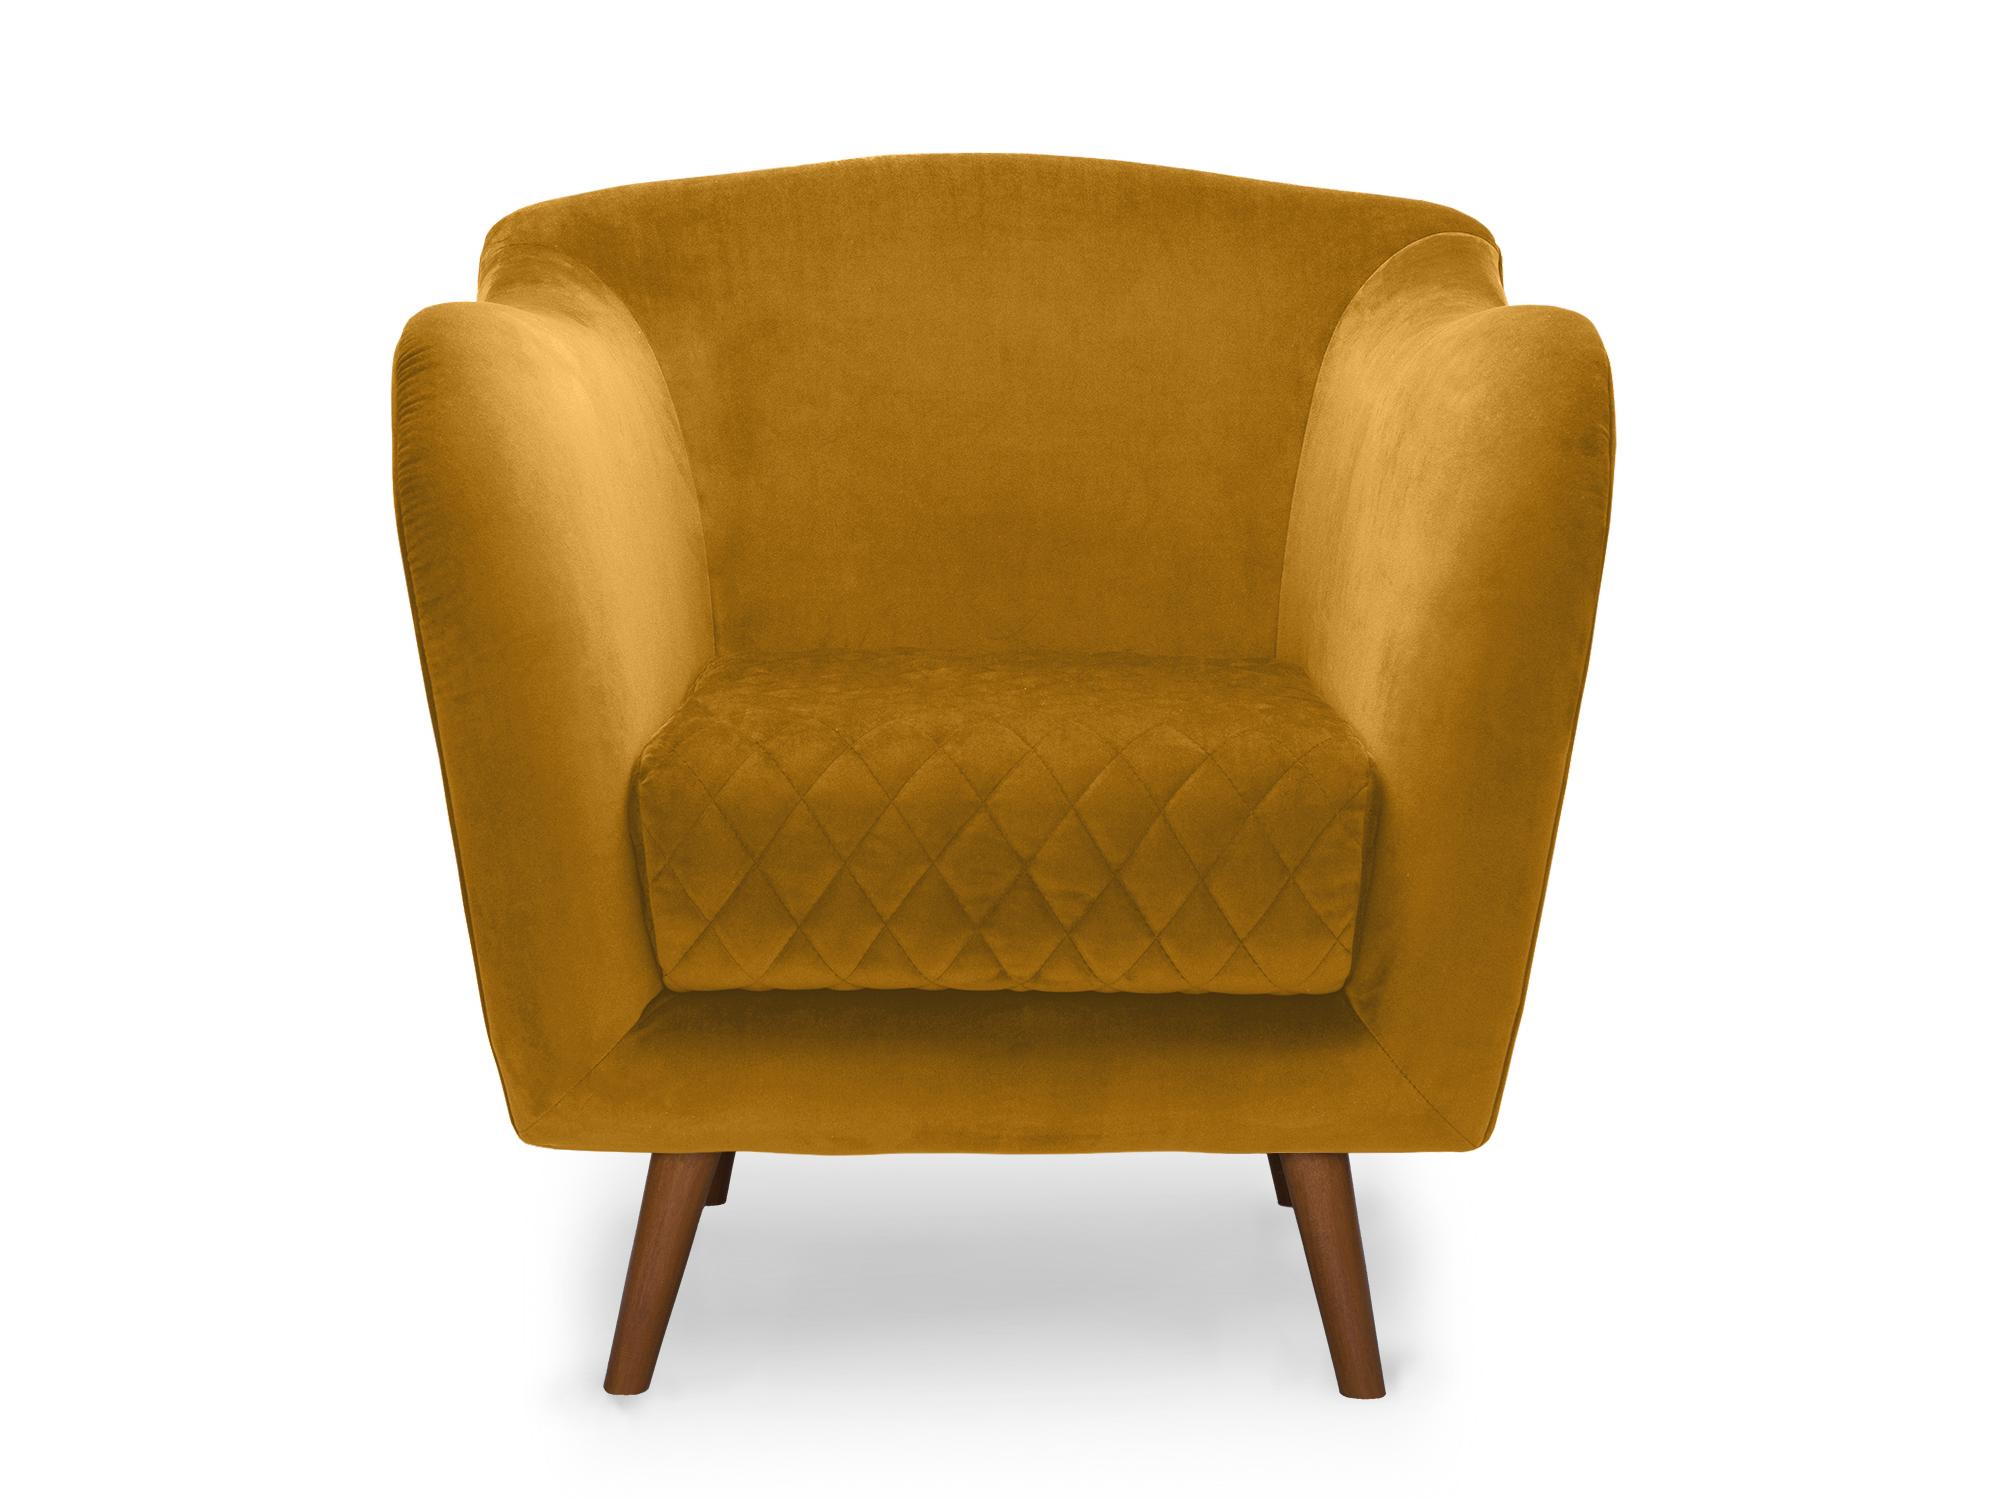 Кресло CoolИнтерьерные кресла<br>&amp;lt;div&amp;gt;Зачем выбирать между комфортом и стилем, если есть &amp;quot;Cool&amp;quot;? Соединив в себе лучшее от обоих миров, &amp;quot;Cool&amp;quot; - это идеальное кресло-акцент для вашей спальни или гостиной. Просто присядьте на эту мягчайшую, стеганную подушку и убедитесь сами.&amp;lt;br&amp;gt;&amp;lt;/div&amp;gt;&amp;lt;div&amp;gt;&amp;lt;br&amp;gt;&amp;lt;/div&amp;gt;&amp;lt;div&amp;gt;Высота сидения: 45 см.&amp;lt;/div&amp;gt;<br><br>Material: Текстиль<br>Ширина см: 82.0<br>Высота см: 84.0<br>Глубина см: 91.0